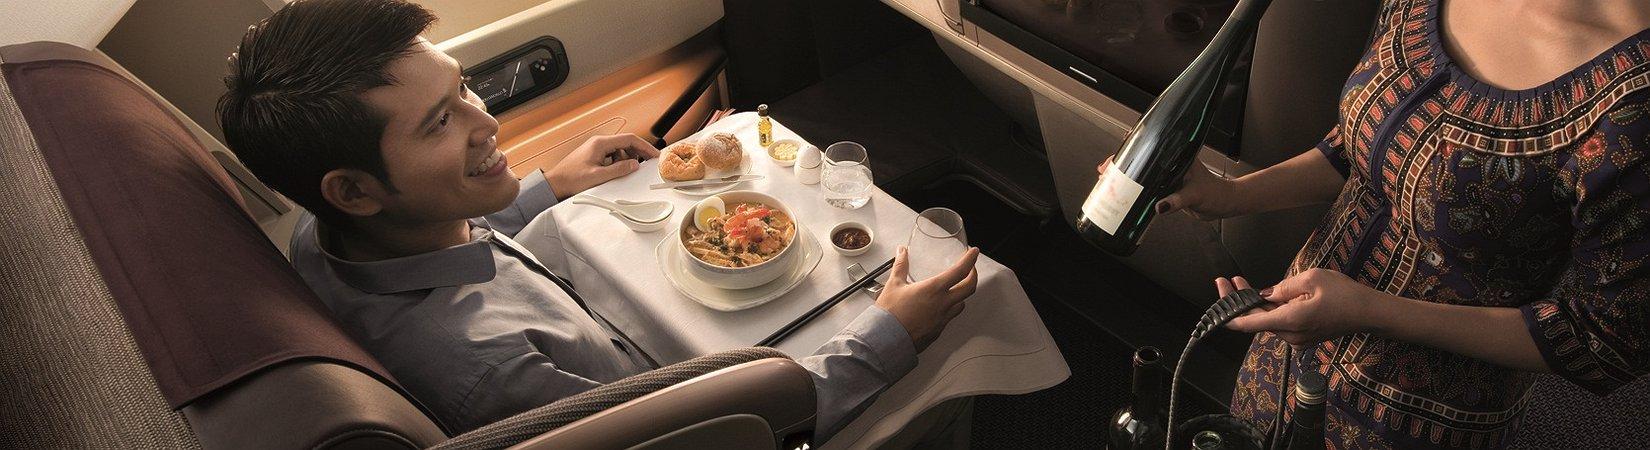 As 5 companhias aéreas com as melhores refeições a bordo